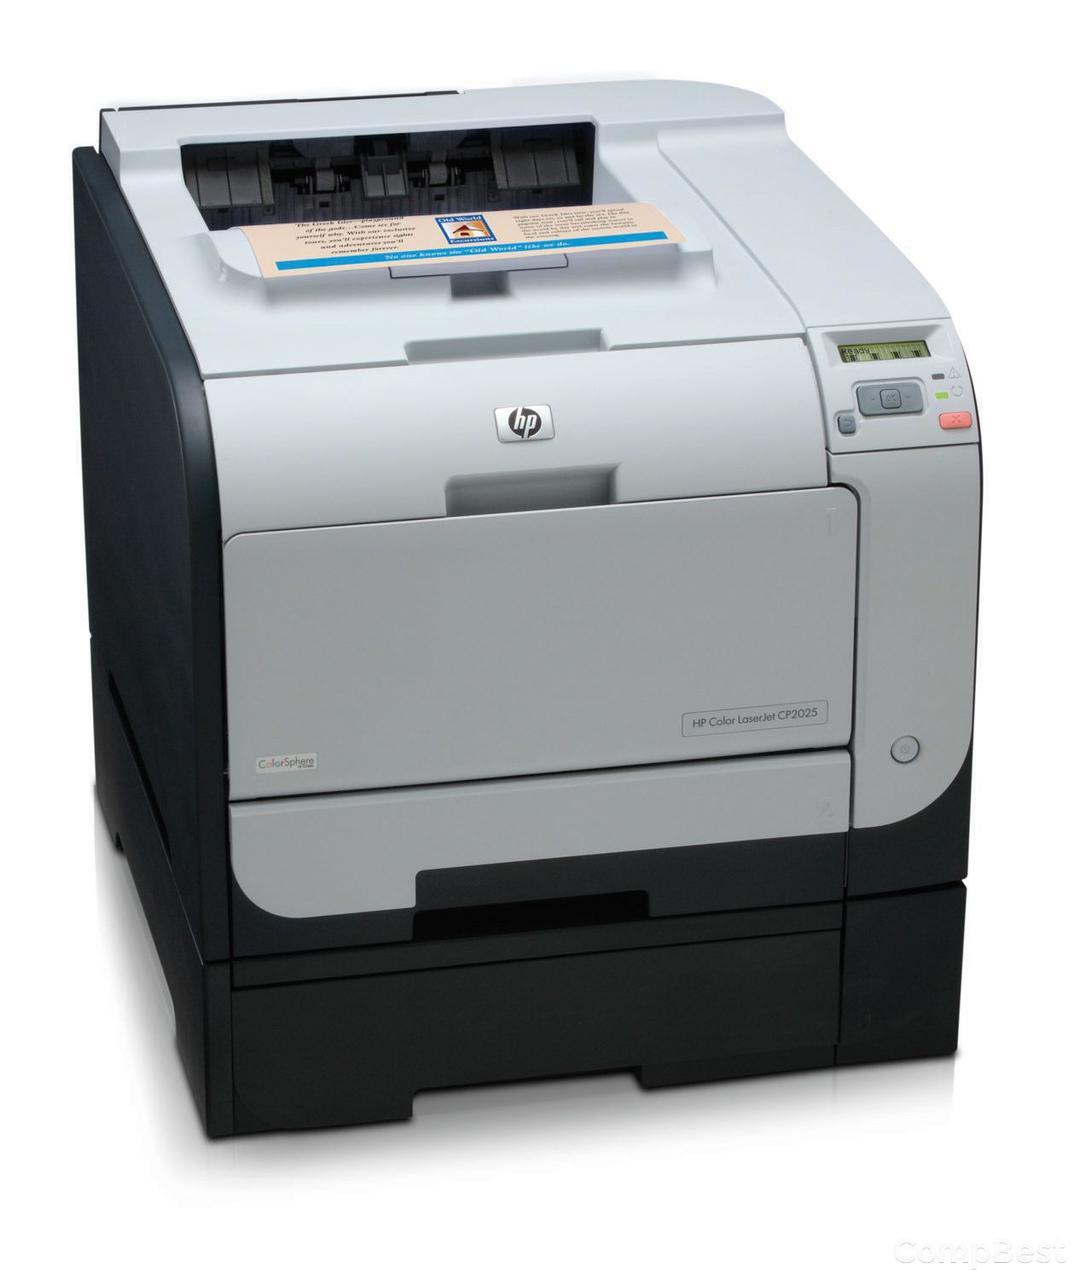 HP CLJ CP2025 / лазерная цветная печать / 600 x 600 dpi / до 20 стр./мин